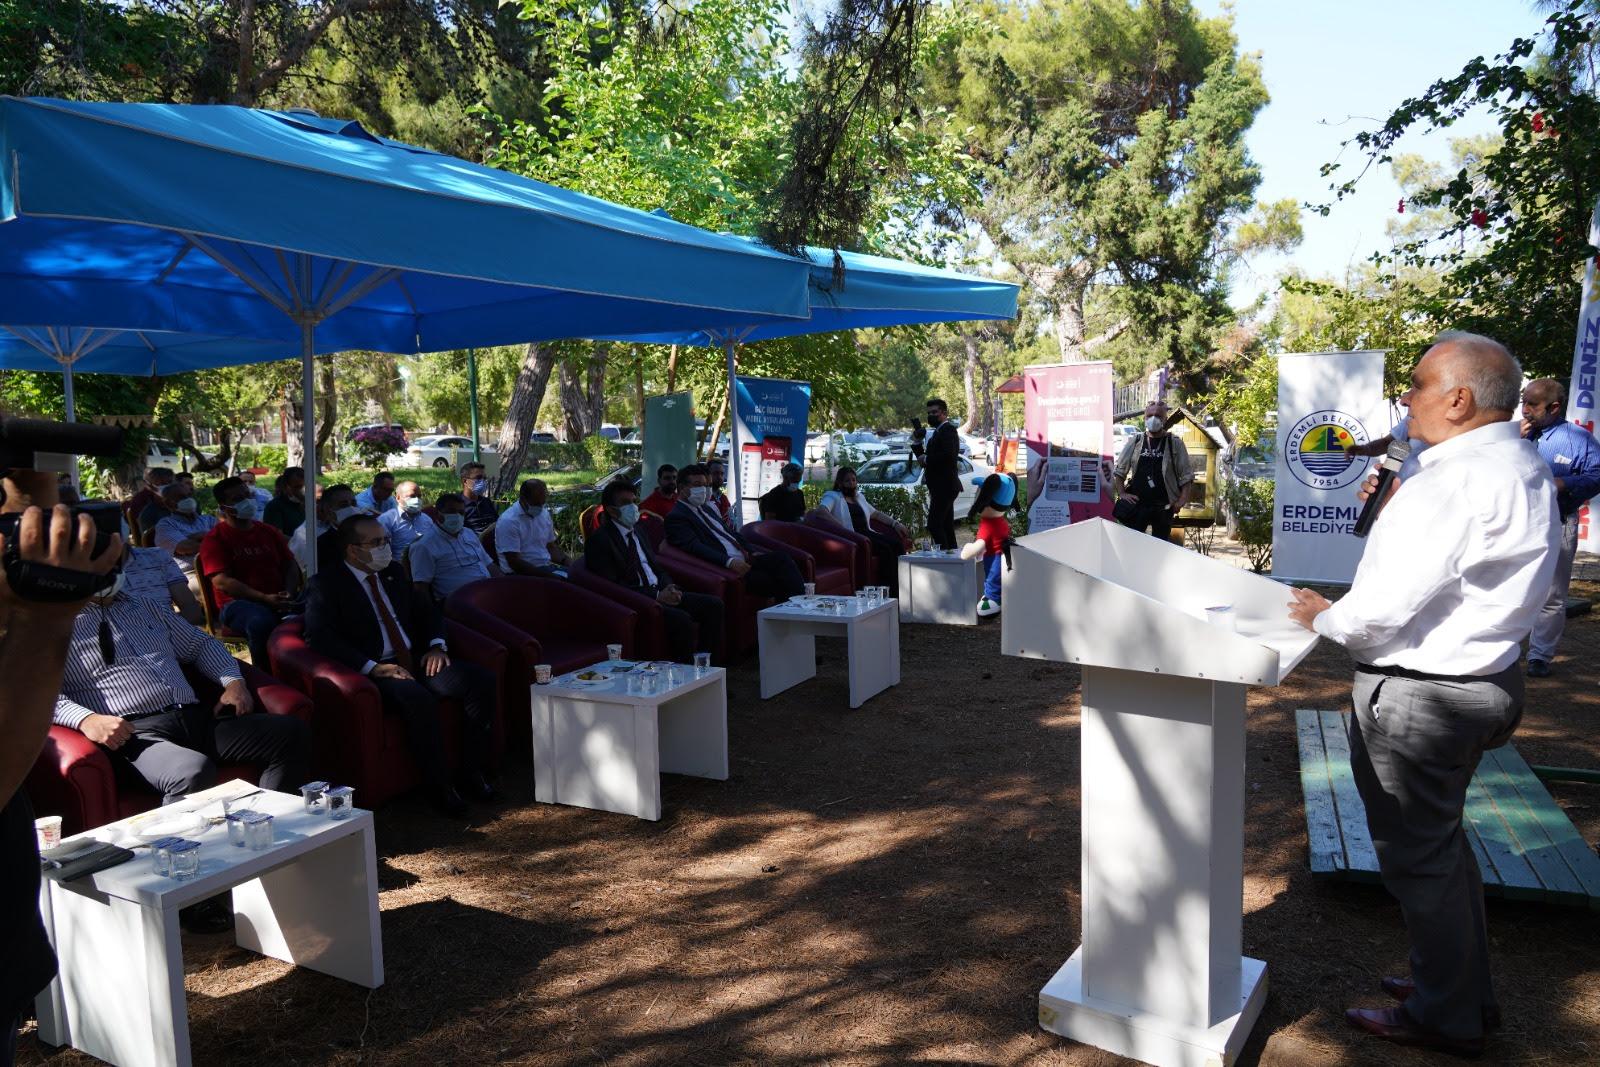 Mülteciler Uyum Toplantısı Erdemli 'de Yapıldı